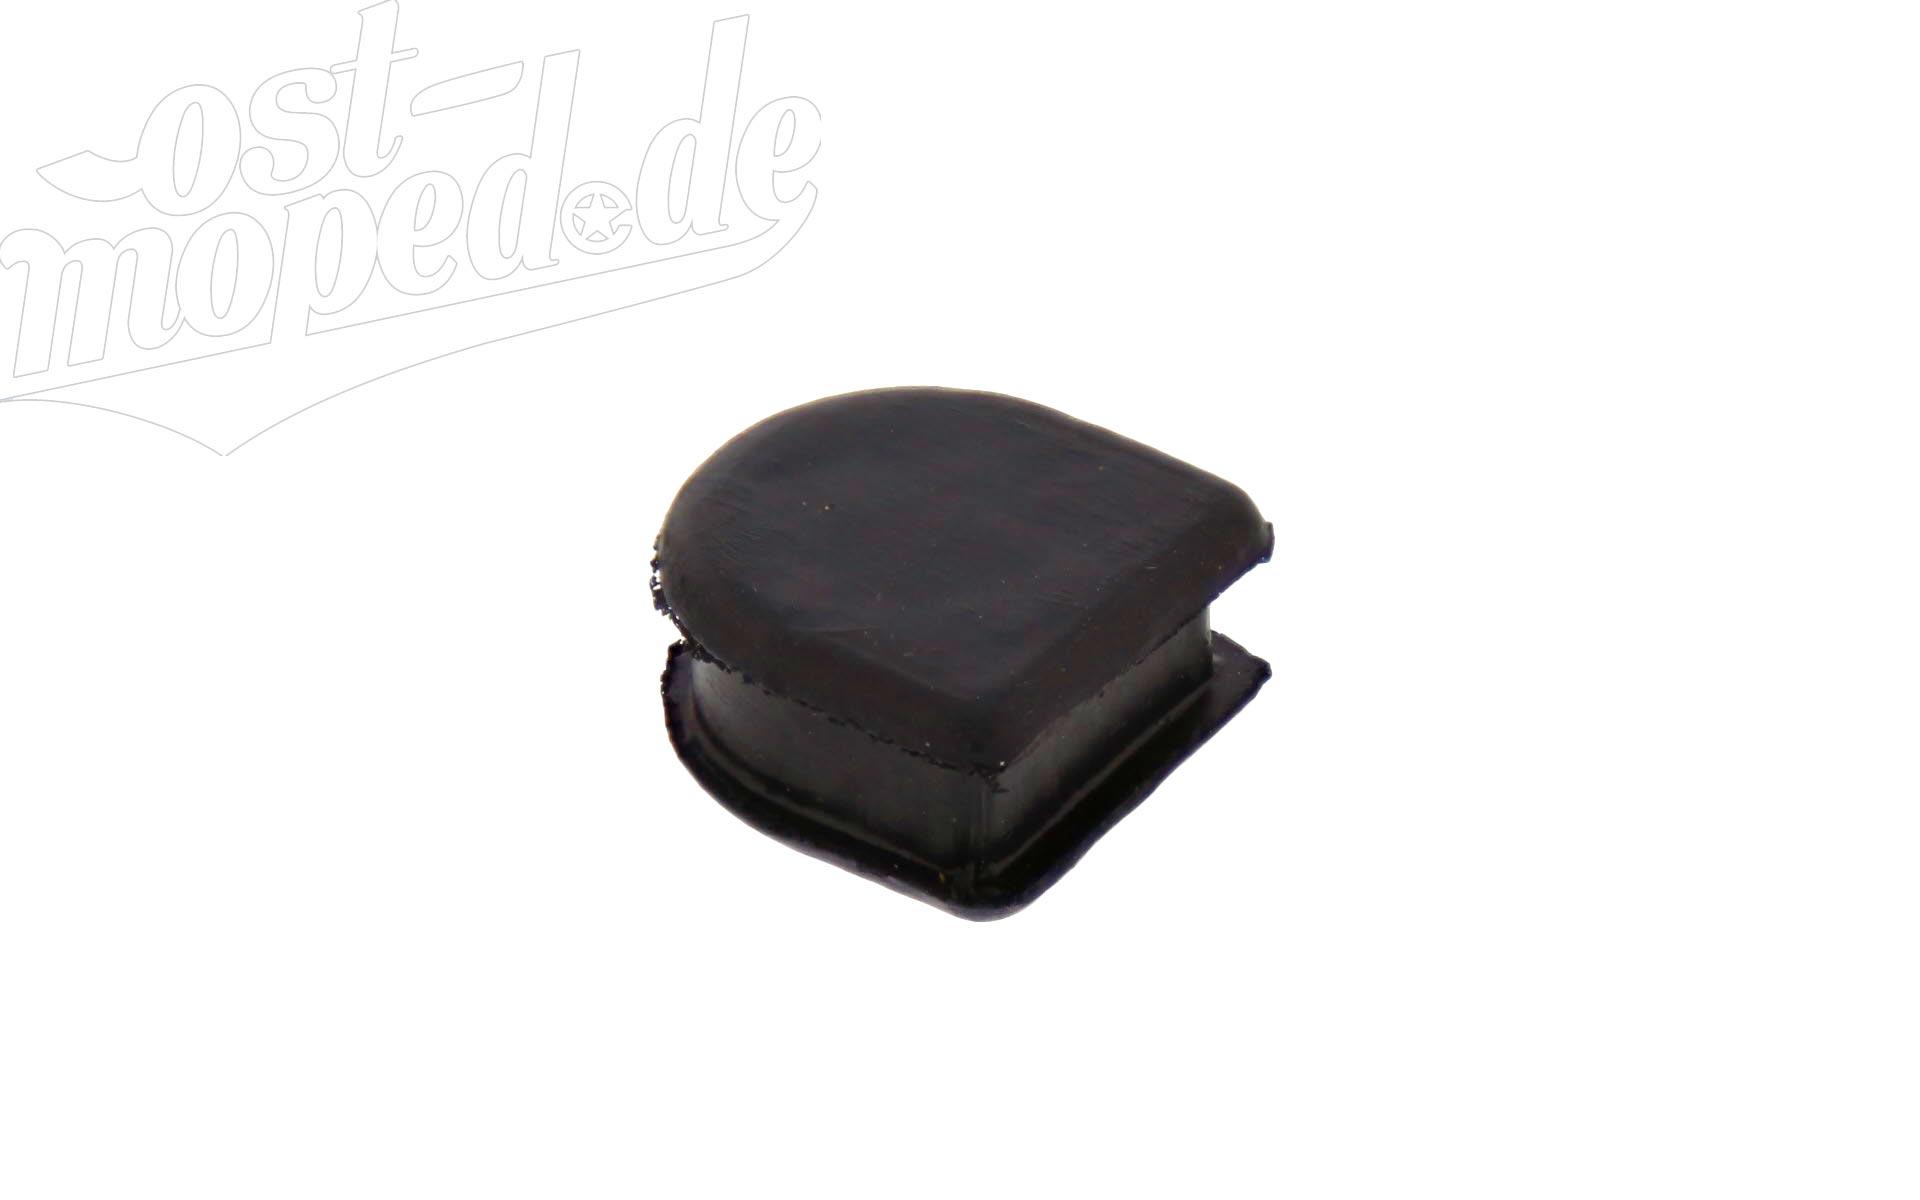 Verschlußgummi für Motorgehäuse  S50, KR51/1, SR4-1, SR4-2, SR4-3, SR4-4, DUO4/1